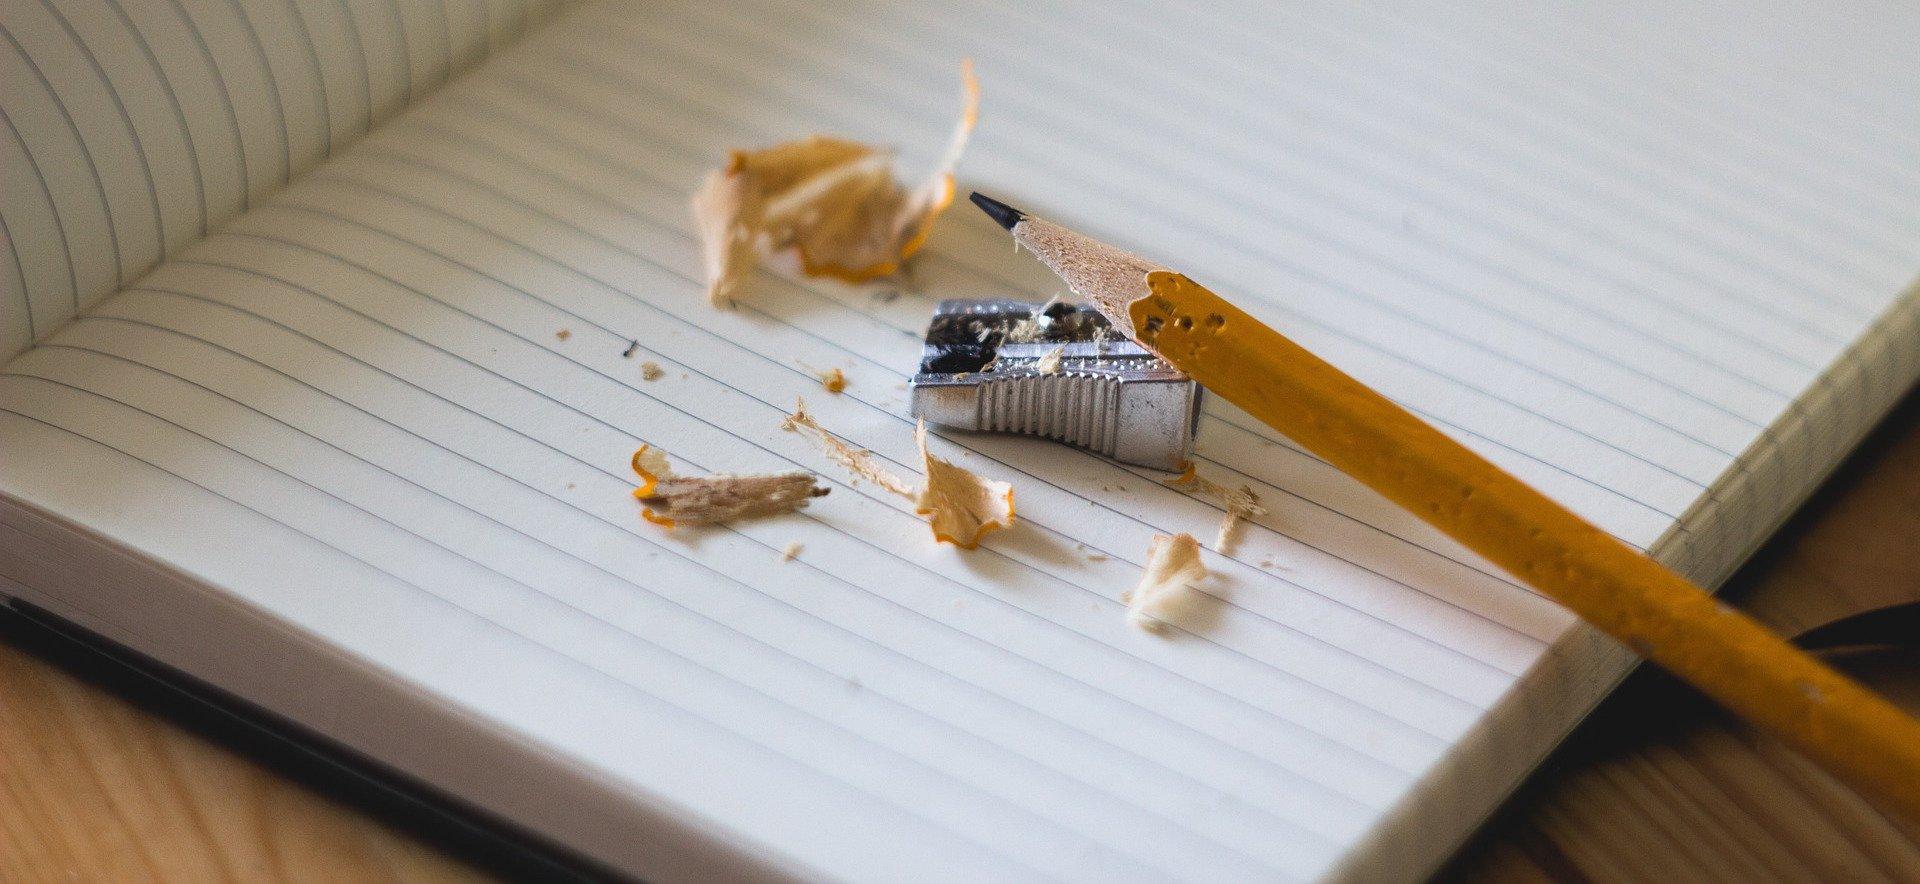 Gezocht: leerkrachten die omdenken in het onderwijs